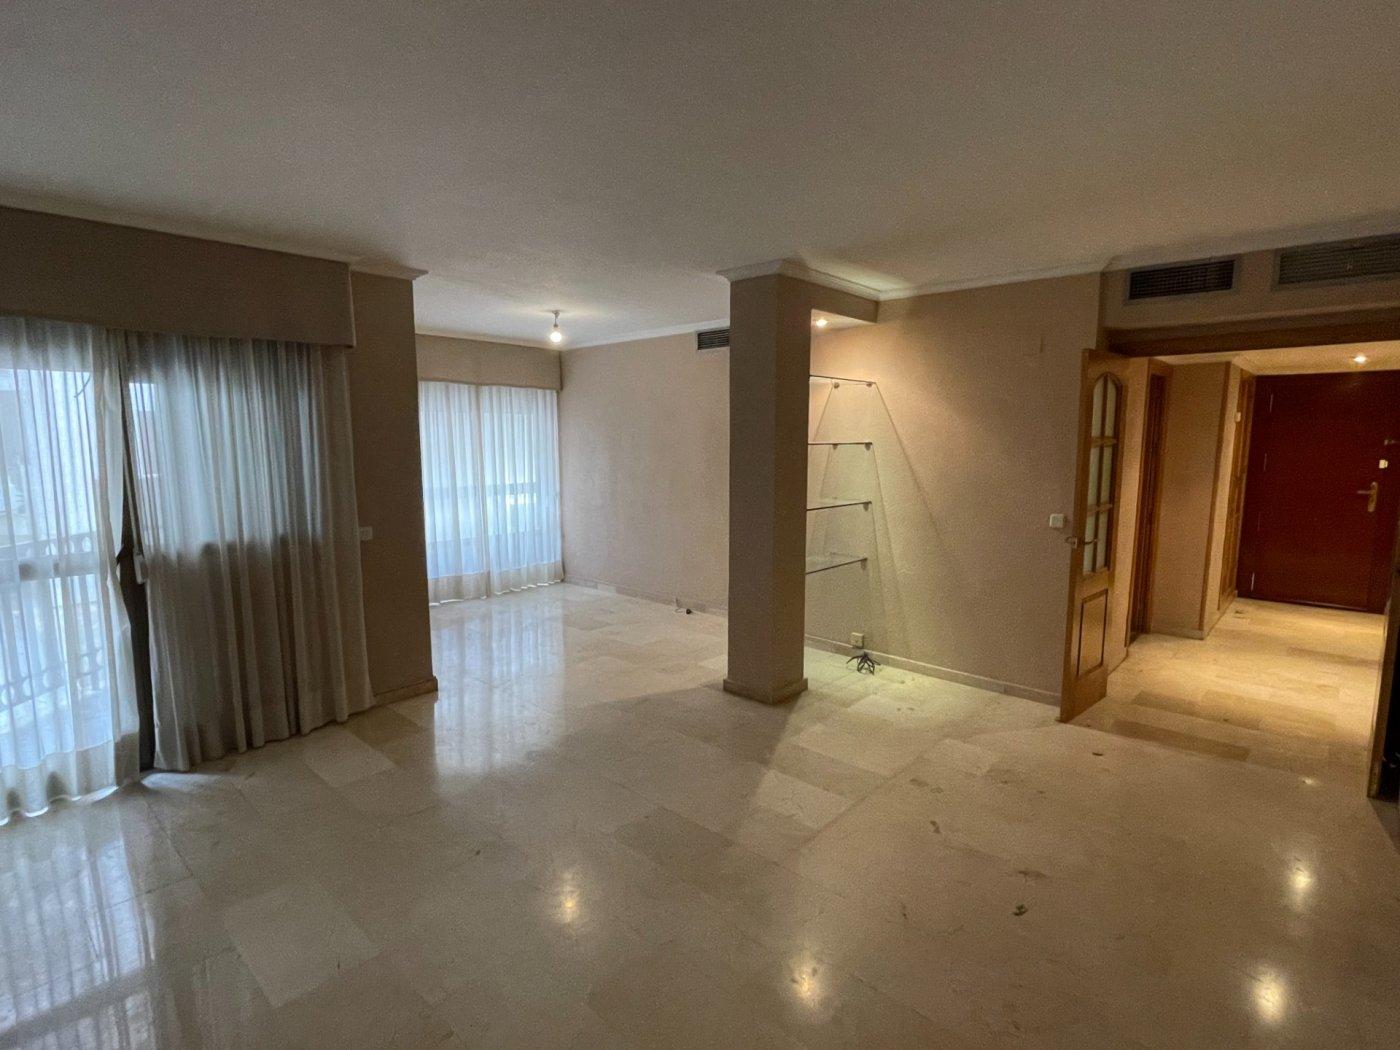 Estupendo piso en el corazon del centro de  cordoba - imagenInmueble0